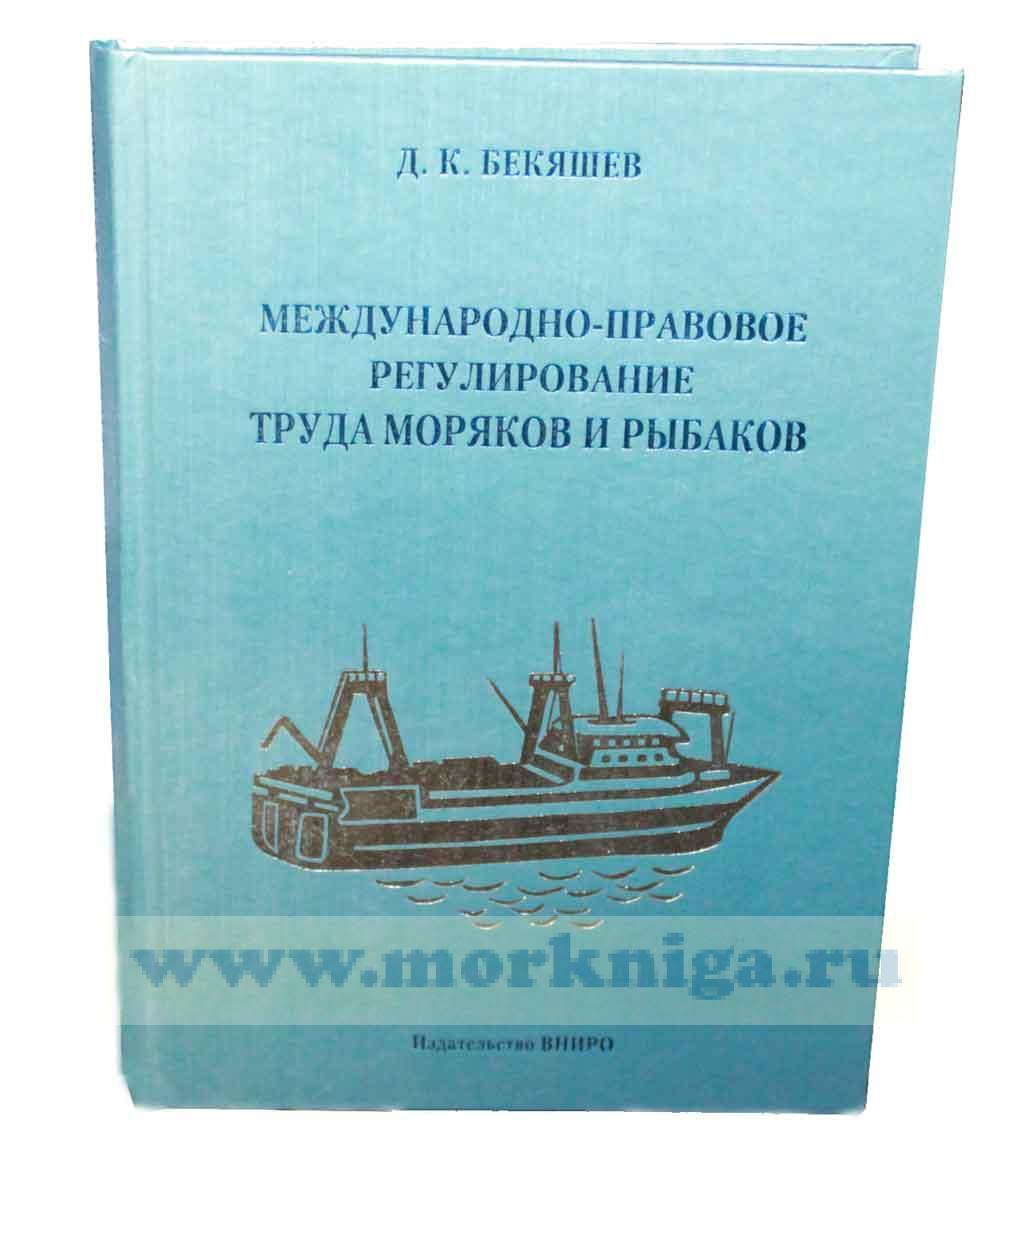 Международно-правовое регулирование труда моряков и рыбаков